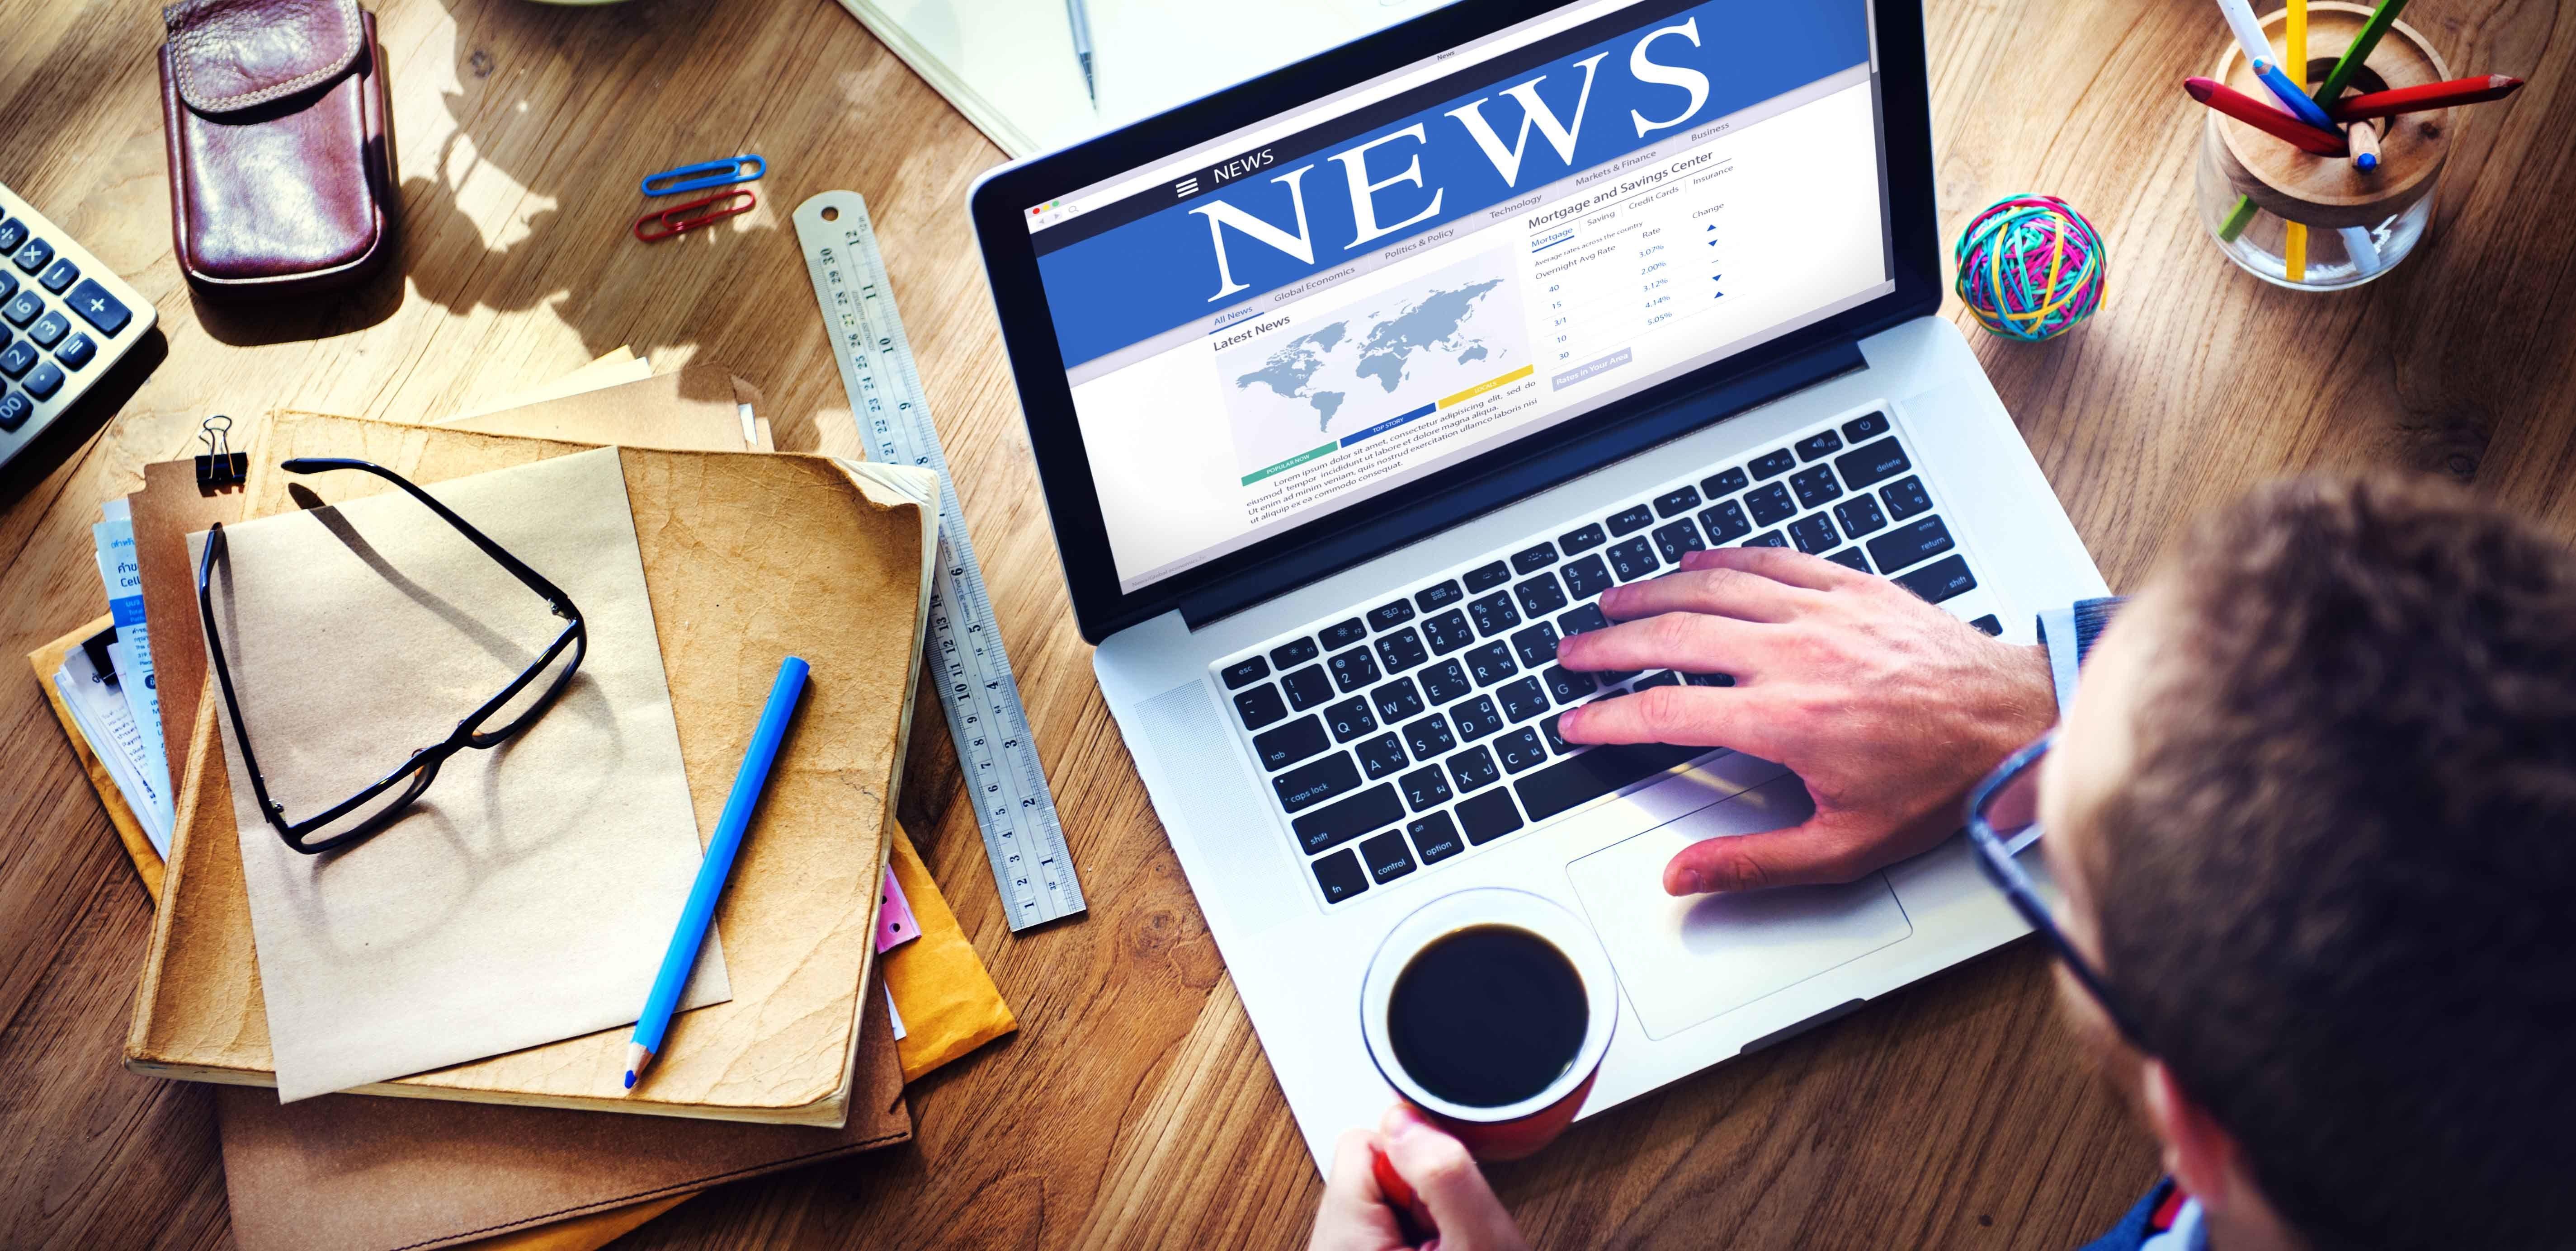 【极客周刊】互联网人的日常:被质疑、要变化和看远方